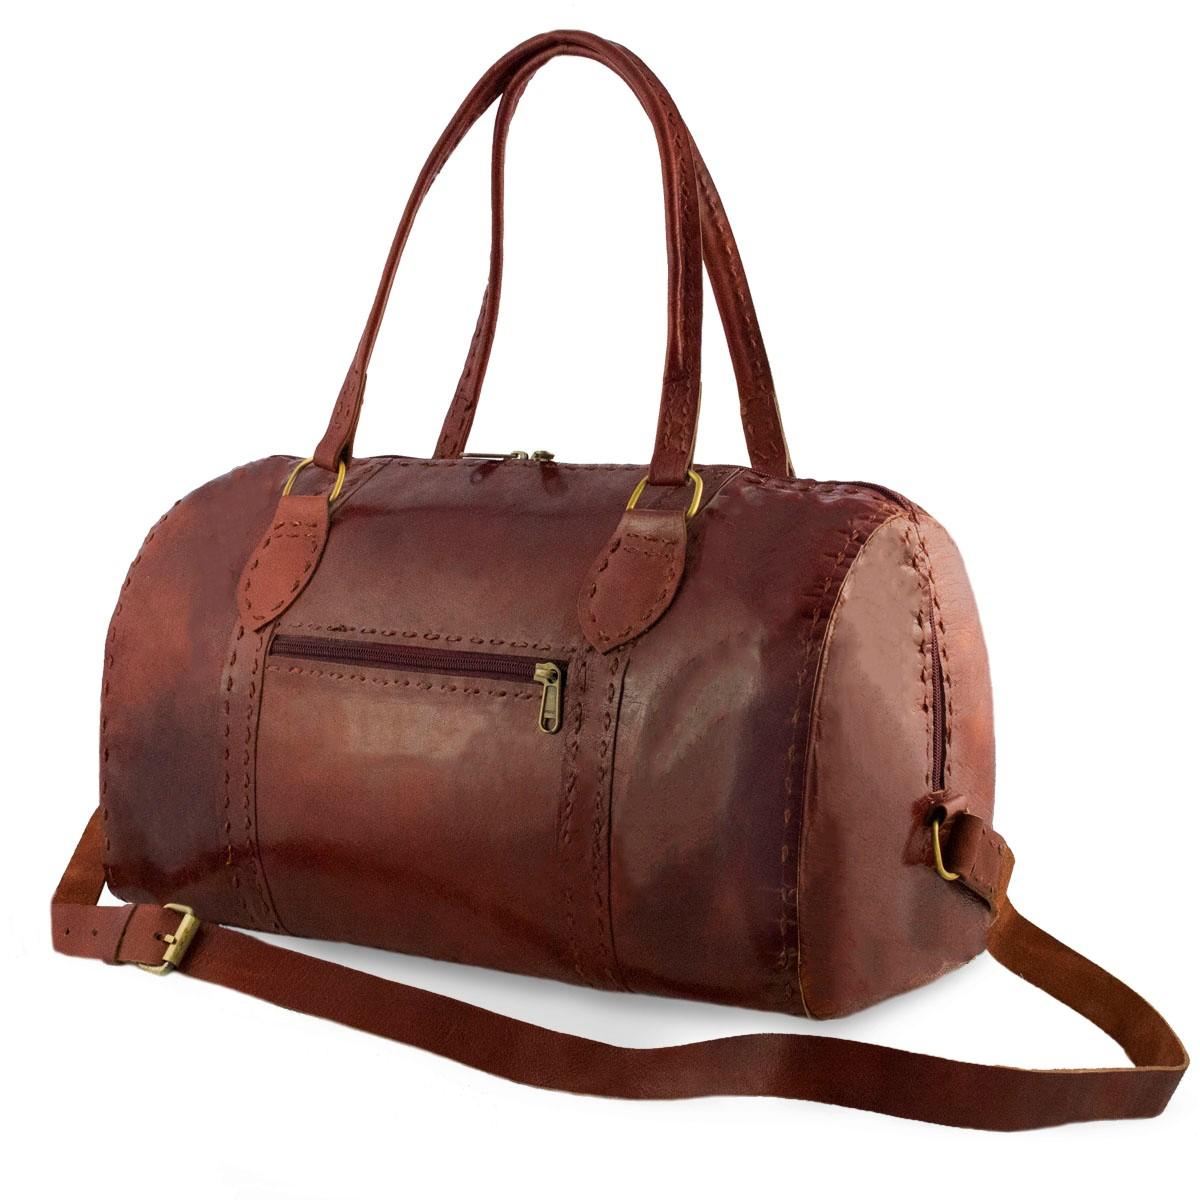 Jina XL barrelbag